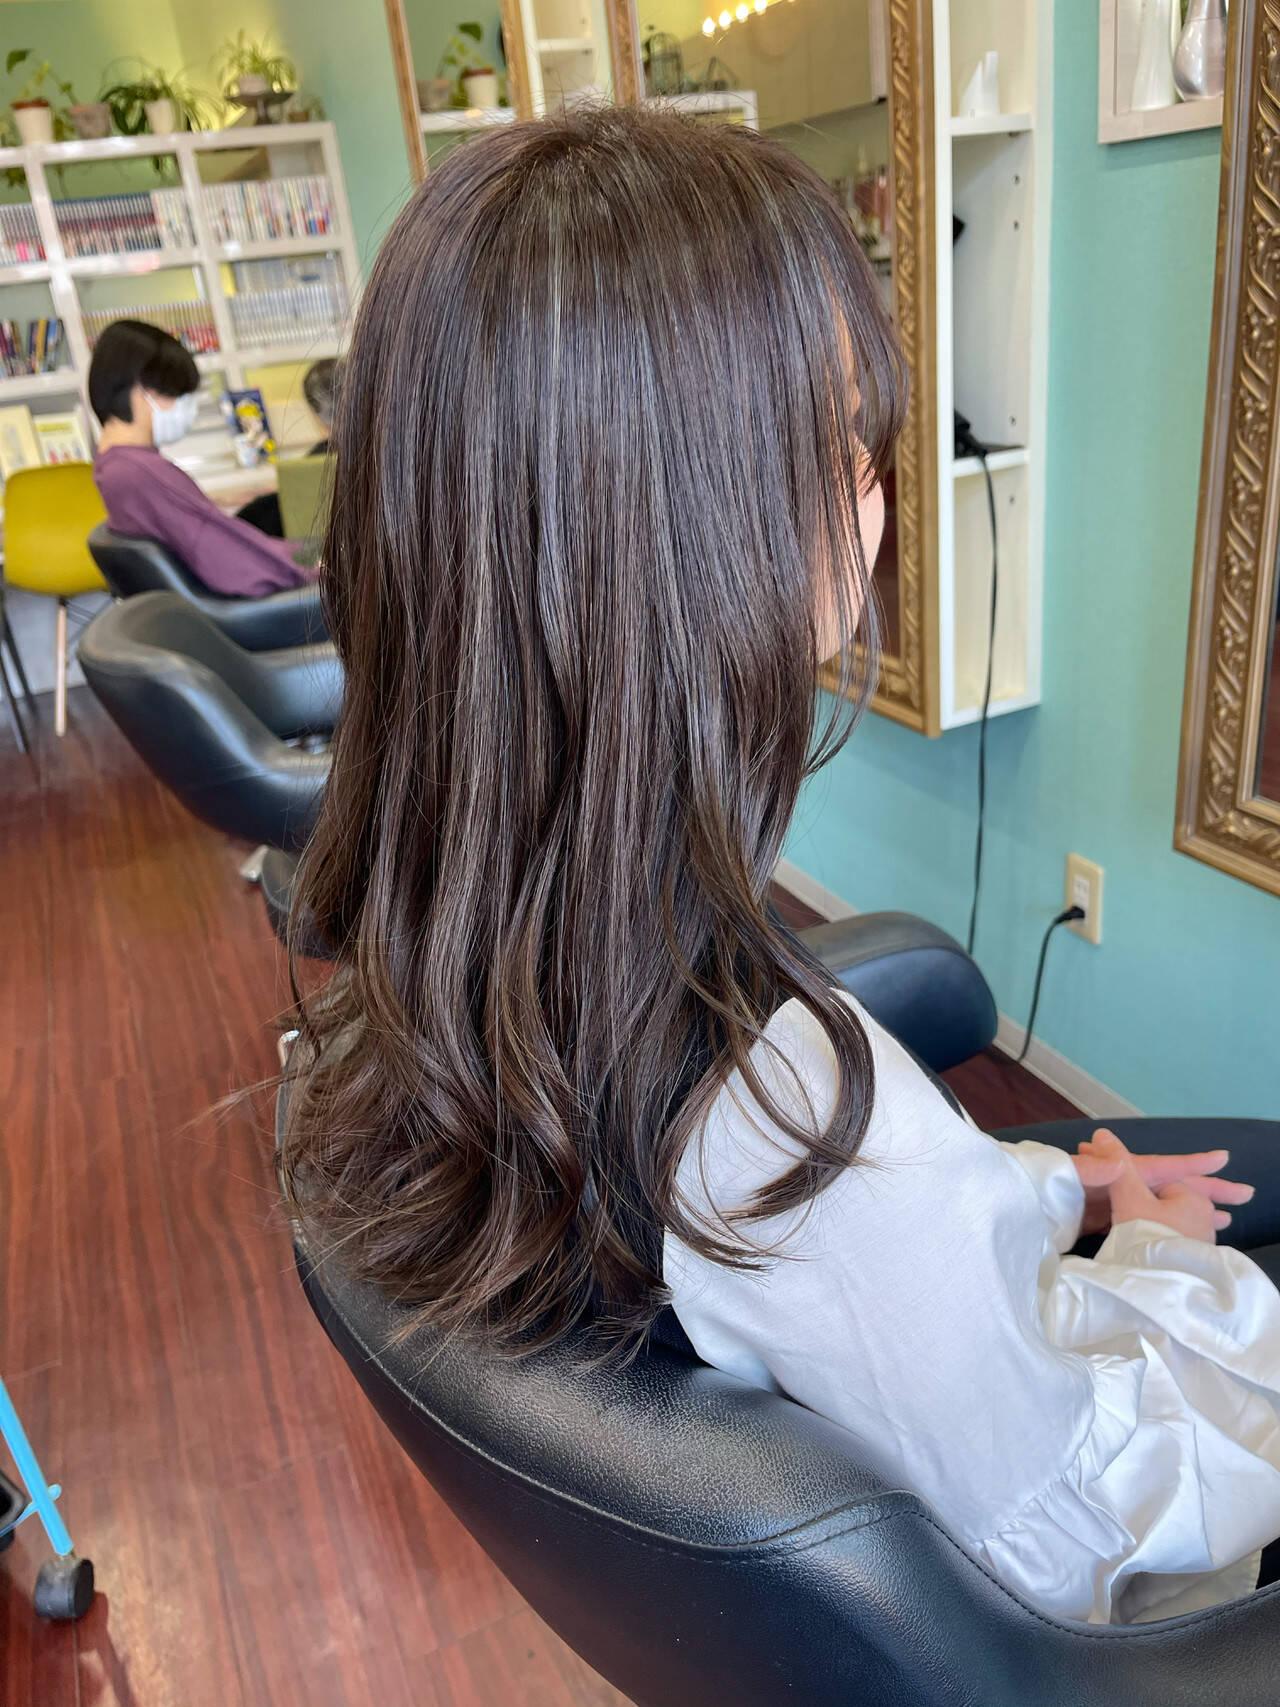 3Dハイライト フェミニン アッシュグレージュ ロングヘアスタイルや髪型の写真・画像